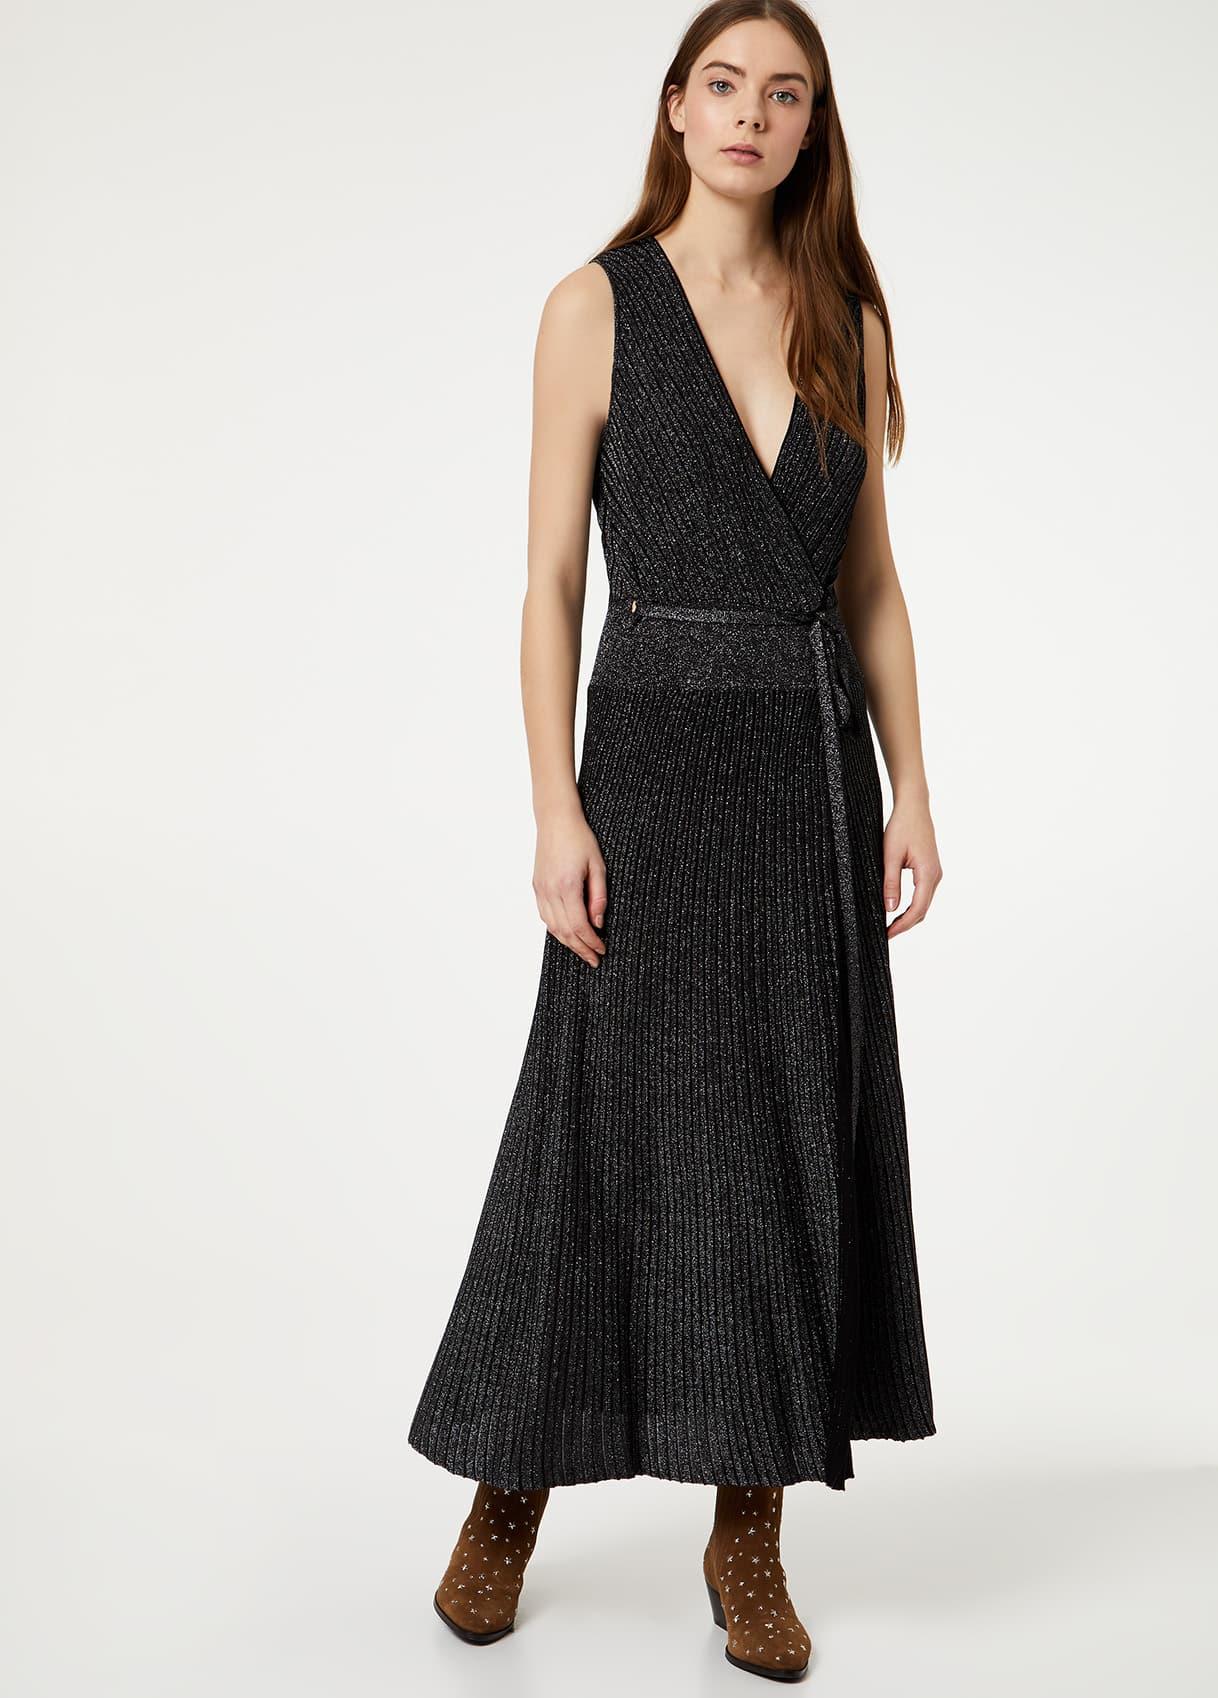 8056156724187-Dresses-maxidresses-MA0041MA32H04858-I-AF-N-R-01-N